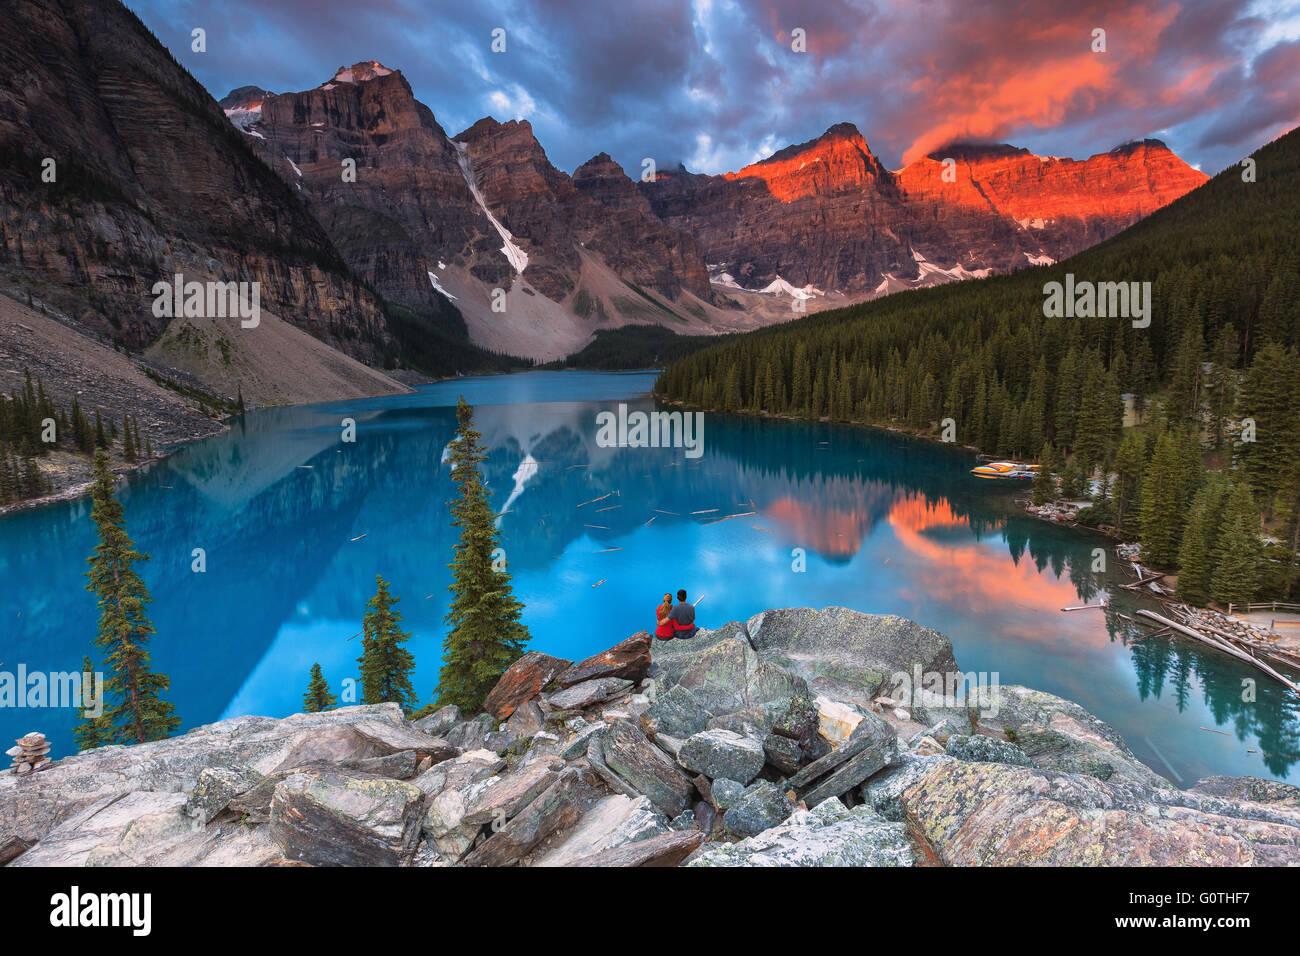 Ein junges Paar am Moraine Lake von Sunrise. Banff Nationalpark, Alberta, Kanada. Stockbild